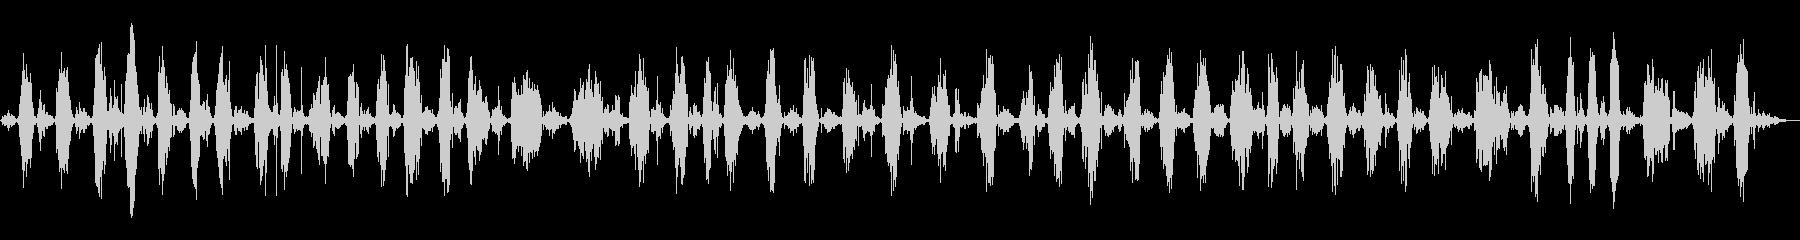 スイープバックとフォースクリーニングの未再生の波形